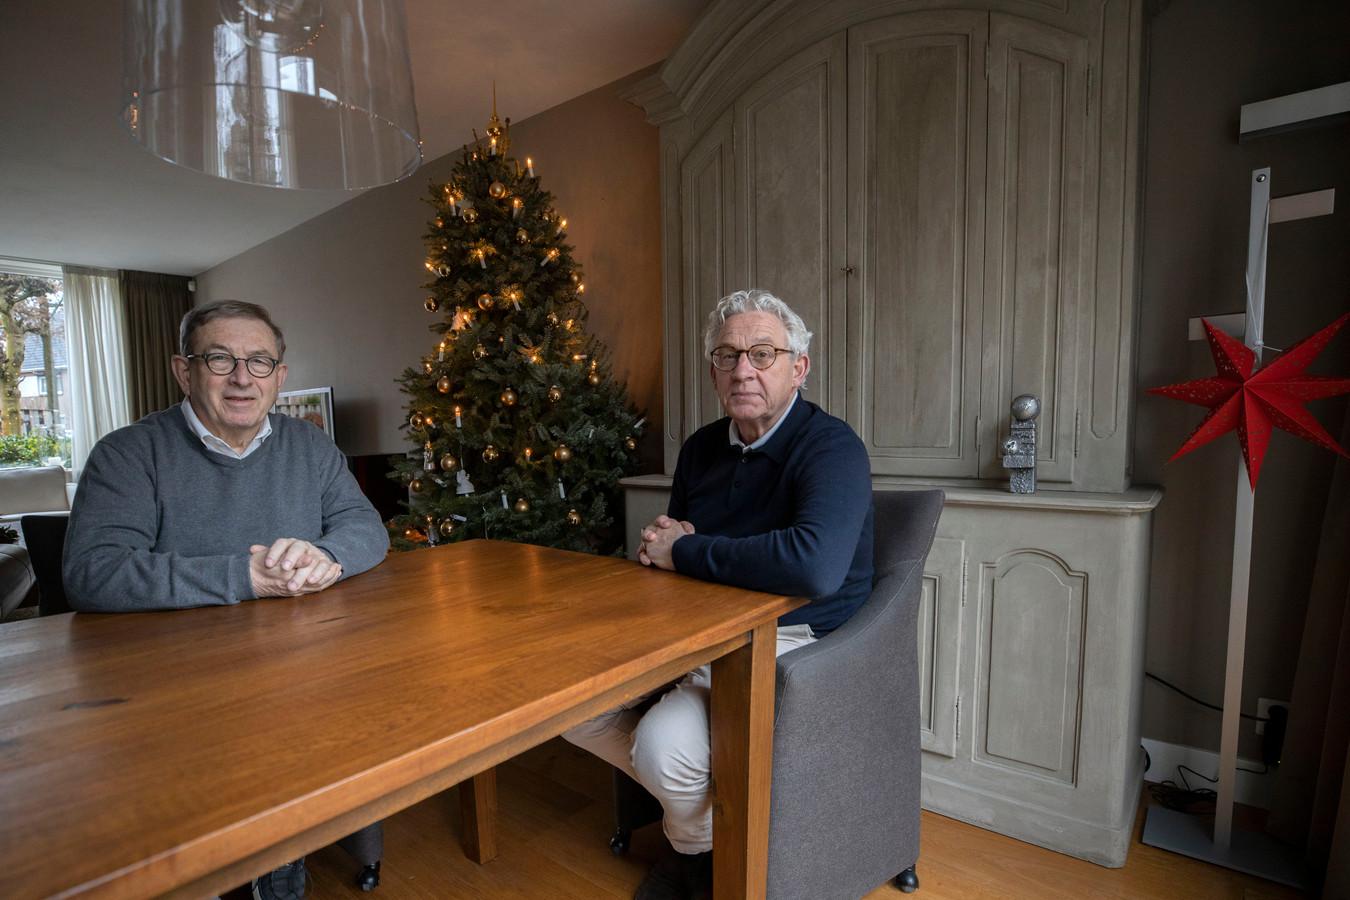 Tiny Leijten (links) is door het parochiebestuur ontslagen omdat hij weigerde een nachtmis te verzorgen. Huub Stroeks (rechts), voorzitter van de Oerlese KBO, neemt het voor hem op.